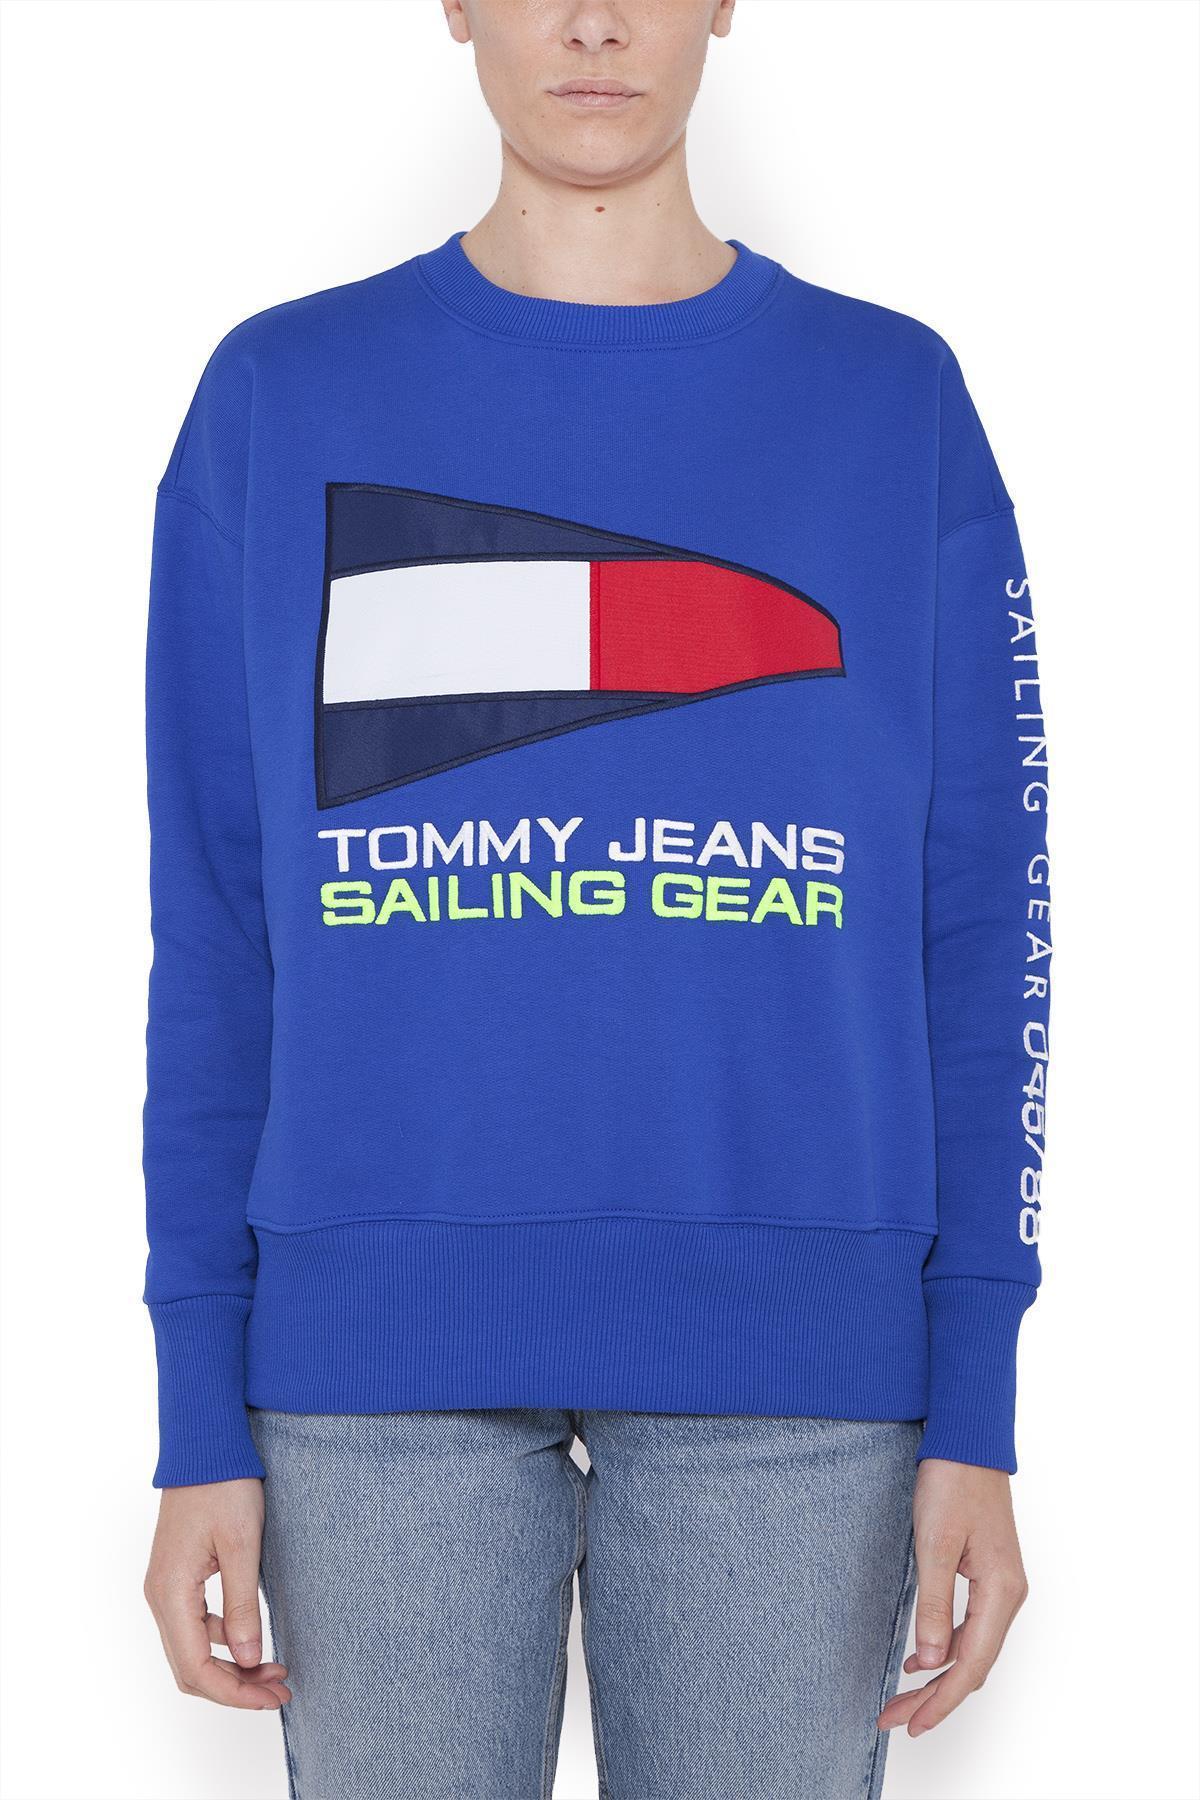 b13b8966 Tommy Hilfiger Sailing 90s Sweatshirt in Blue - Lyst